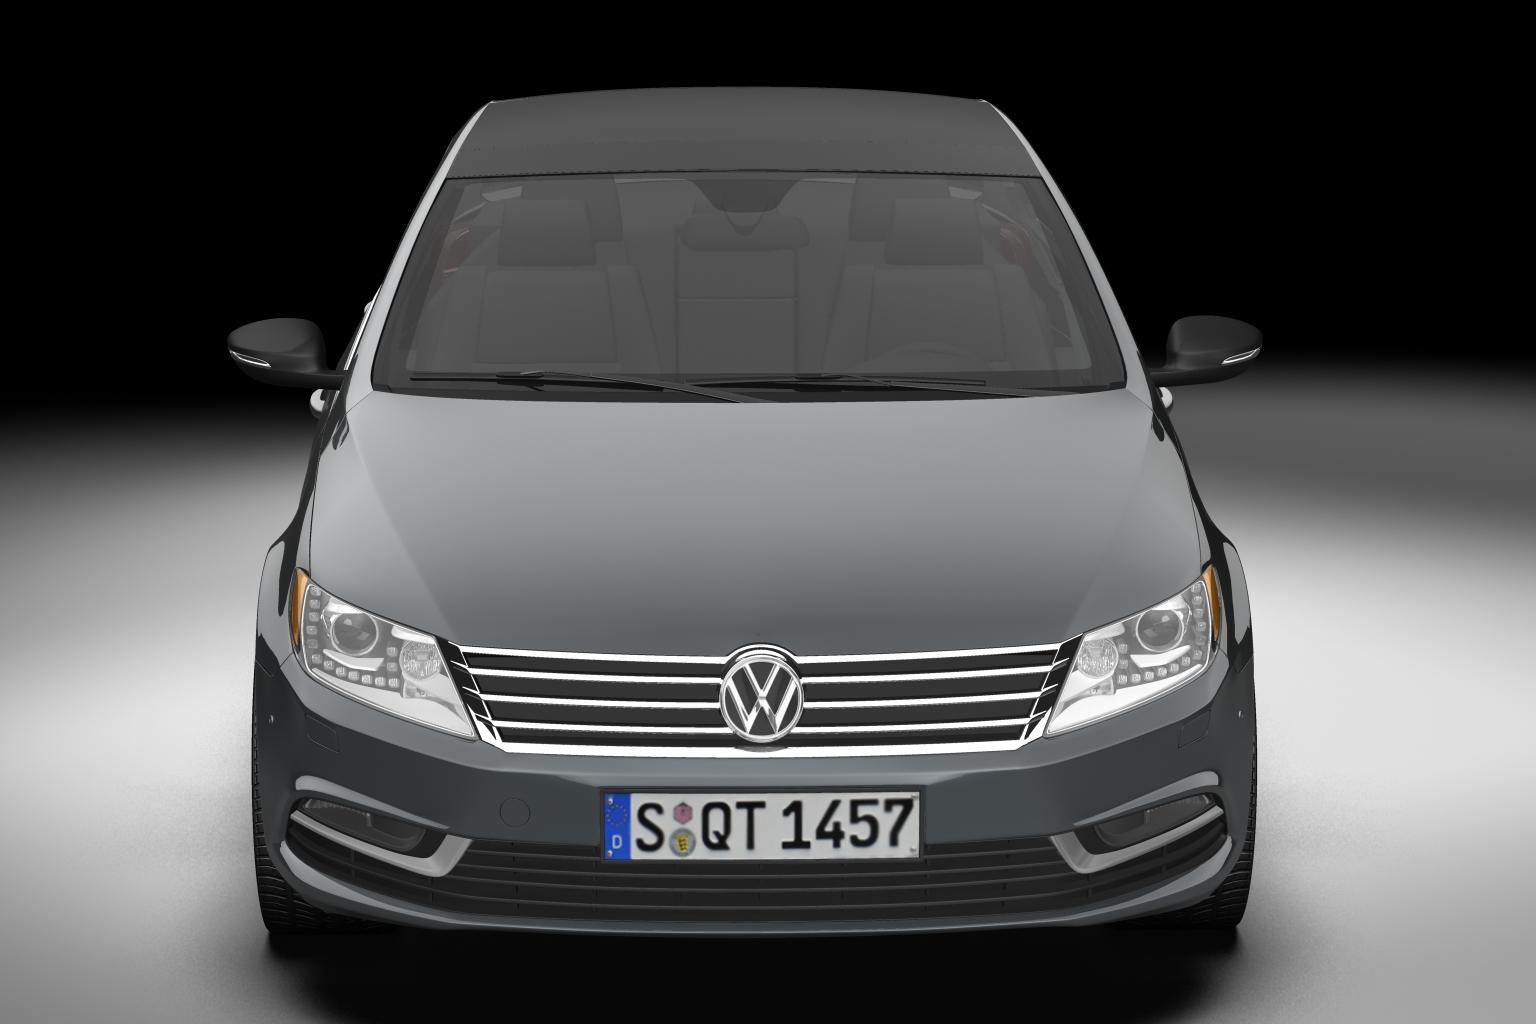 2013 volkswagen cc 3d model 3ds max fbx c4d lwo hrc xsi obj 136222